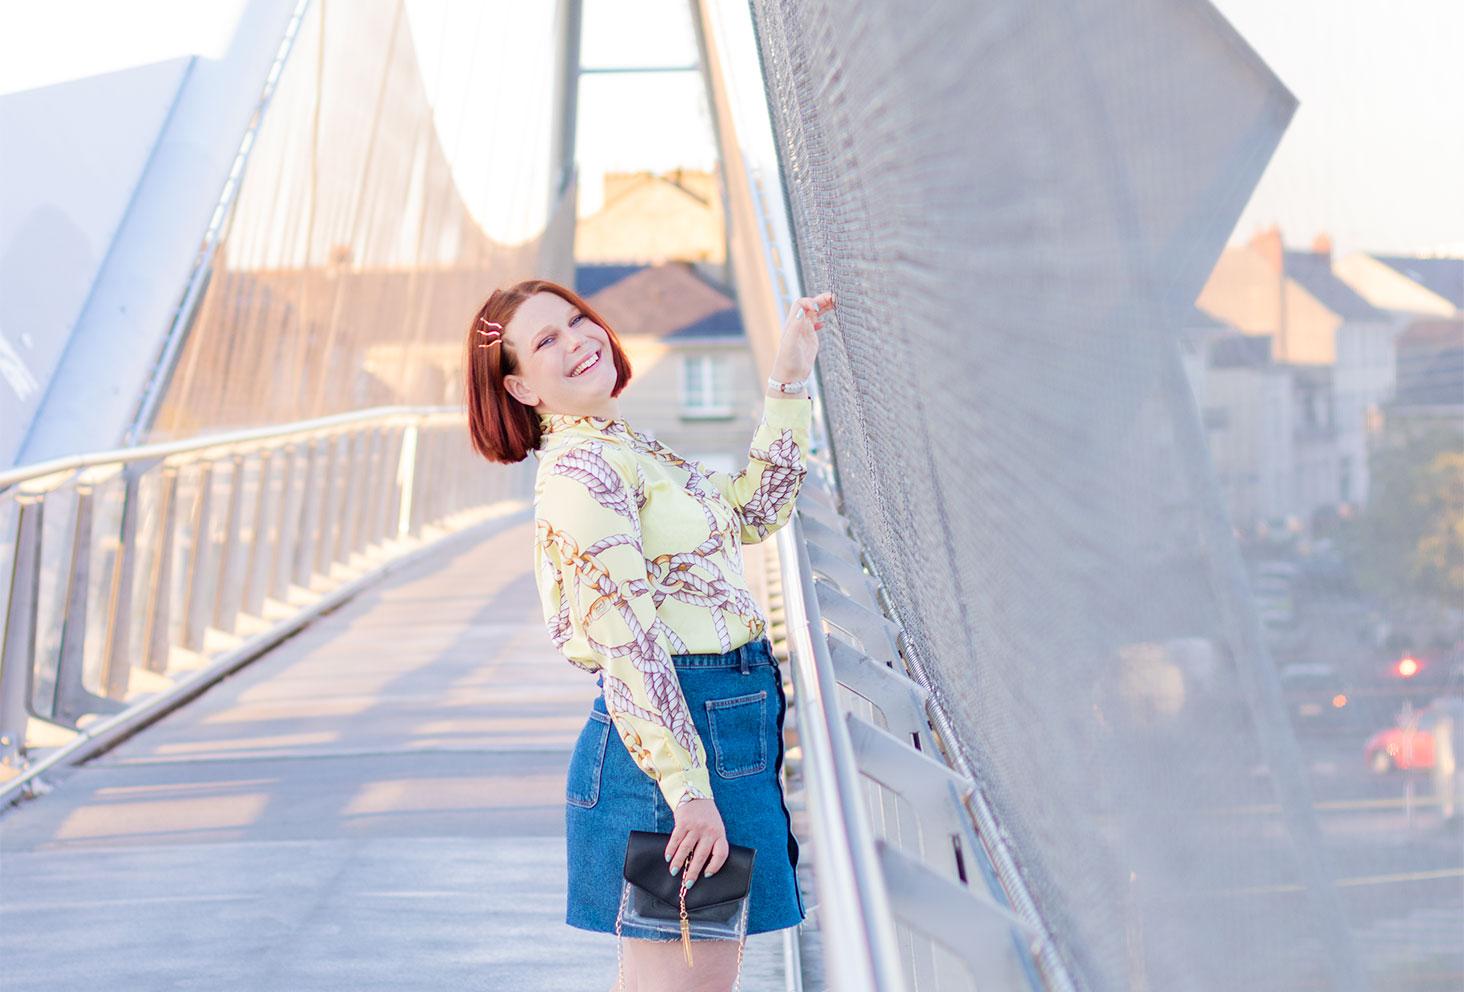 De profil accrochée au grillage d'une passerelle street, de profil avec le sourire, en jupe et chemise une pochette transparente dans la main